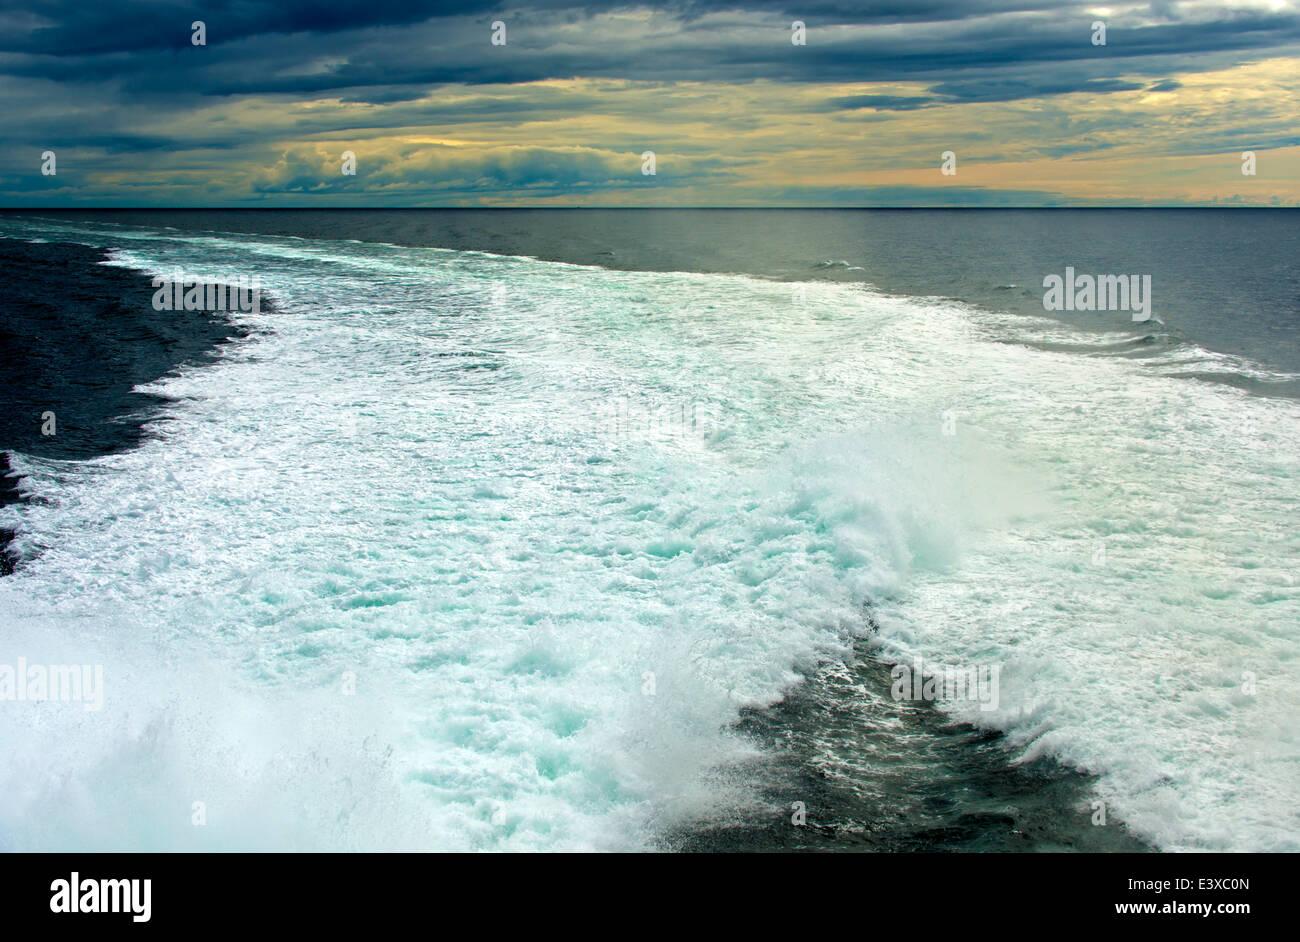 Sprühen Sie auf einem Schiff auf hoher See, bei Sonnenuntergang, Nordsee Stockbild